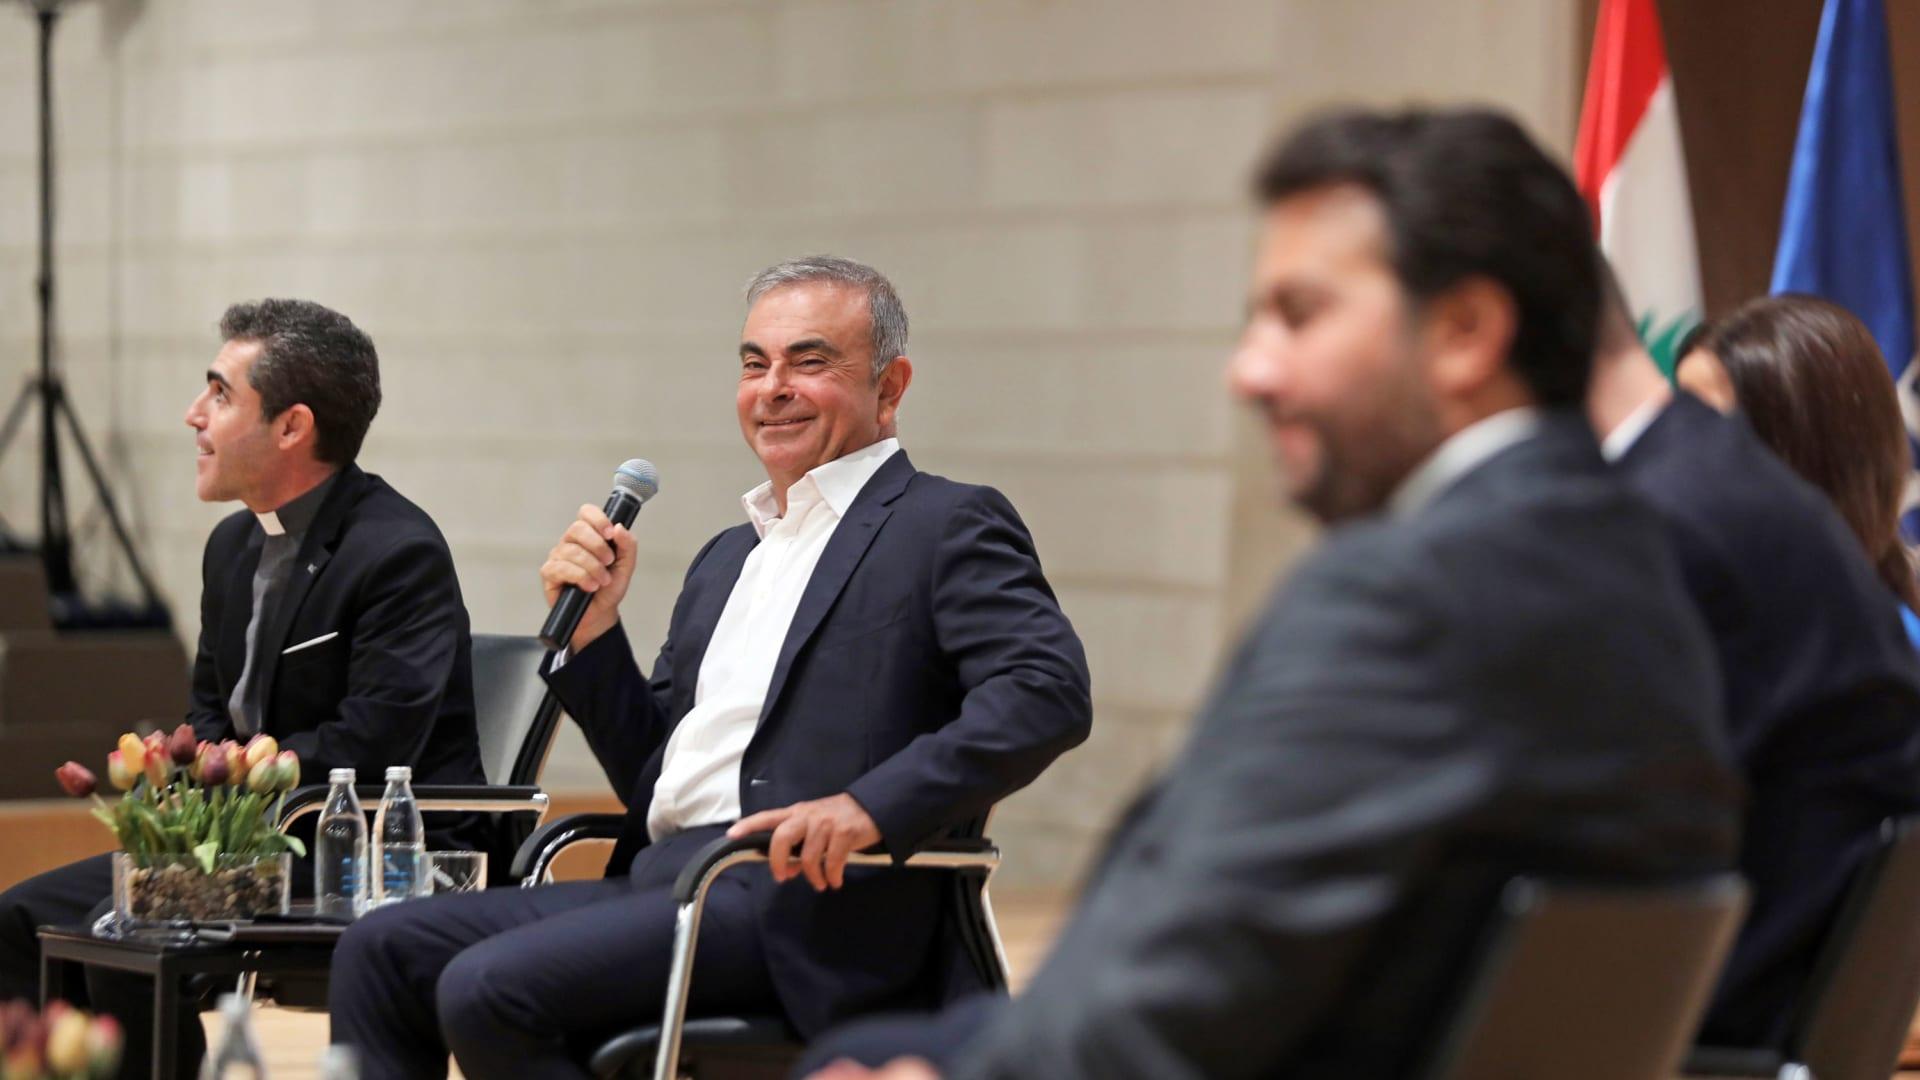 كارلوس غصن: أنا لست رجل سياسة ولكن مستعد لمساعدة لبنان